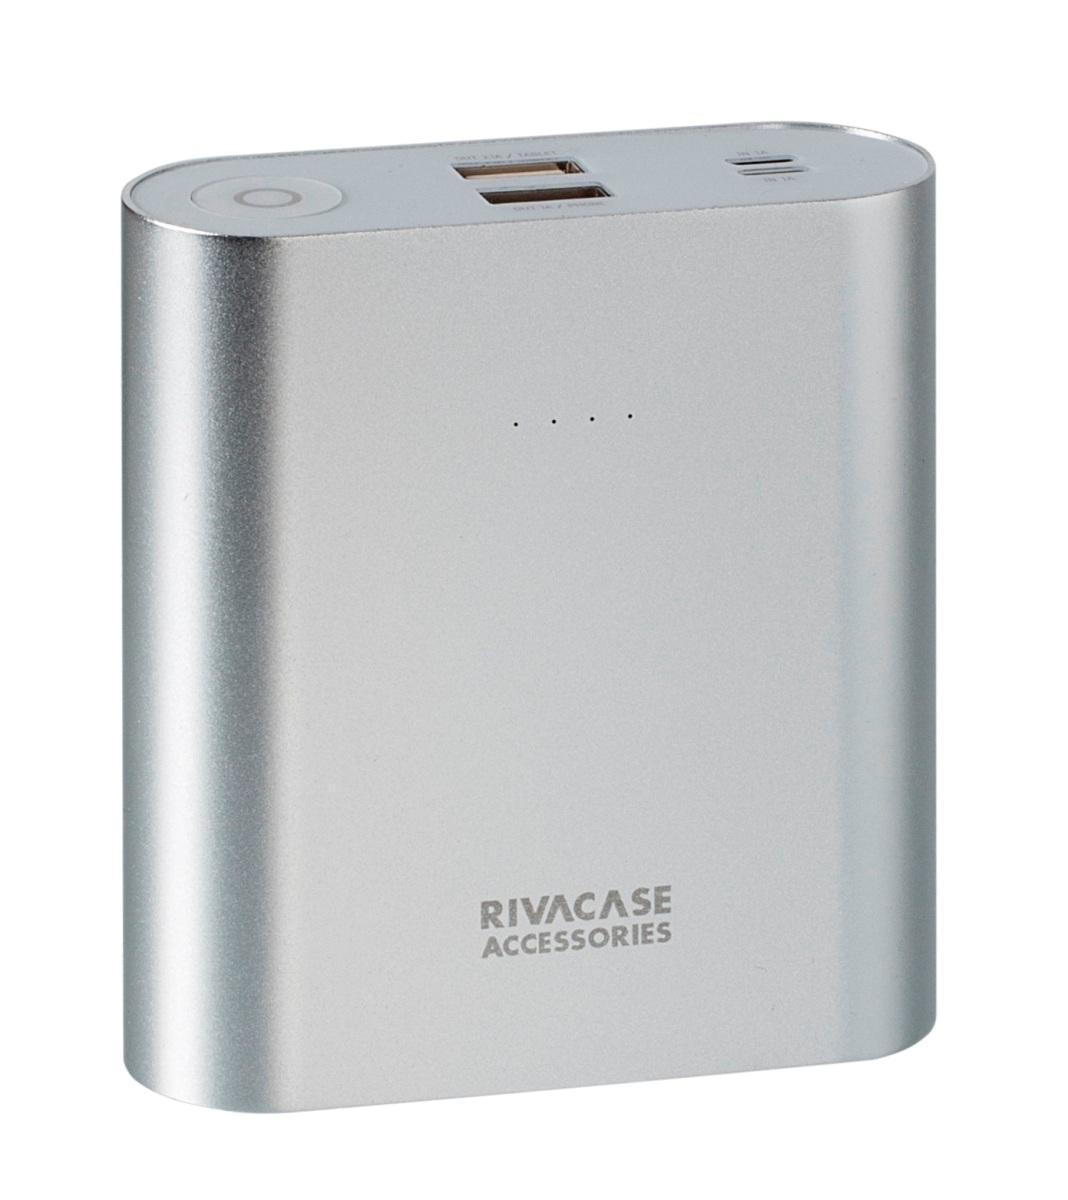 Rivapower VA1015 внешний аккумуляторVA 1015Rivapower VA1015 - литий-ионный внешний аккумулятор емкостью 15000 мАч. Устройство имеет два входа для заряда аккумуляторной батареи через кабель с Micro USB разъемом или через оригинальный кабель Apple Lightning. Два USB выхода с суммарным током до 3.1А позволяют быстро заряжать 2 устройства одновременно. Аккумулятор совместим с наиболее популярными мобильными устройствами, в том числе и с iPhone, iPad. Rivapower VA1015 автоматически включится при подключении мобильного устройства к аккумулятору и выключится при завершении зарядки. Четыре светодиодных индикатора на лицевой стороне показывают уровень заряда аккумулятора. Встроенная защита от перегрева, перезаряда, переразряда, перегрузки по току и короткого замыкания защитят прибор от порчи и выхода из строя. Надежный алюминиевый корпус предохраняет устройство от случайного повреждения, поглощает и отводит тепло, производимое аккумулятором. Полностью заряженный аккумулятор Rivapower VA1015 заряжает смартфон до...